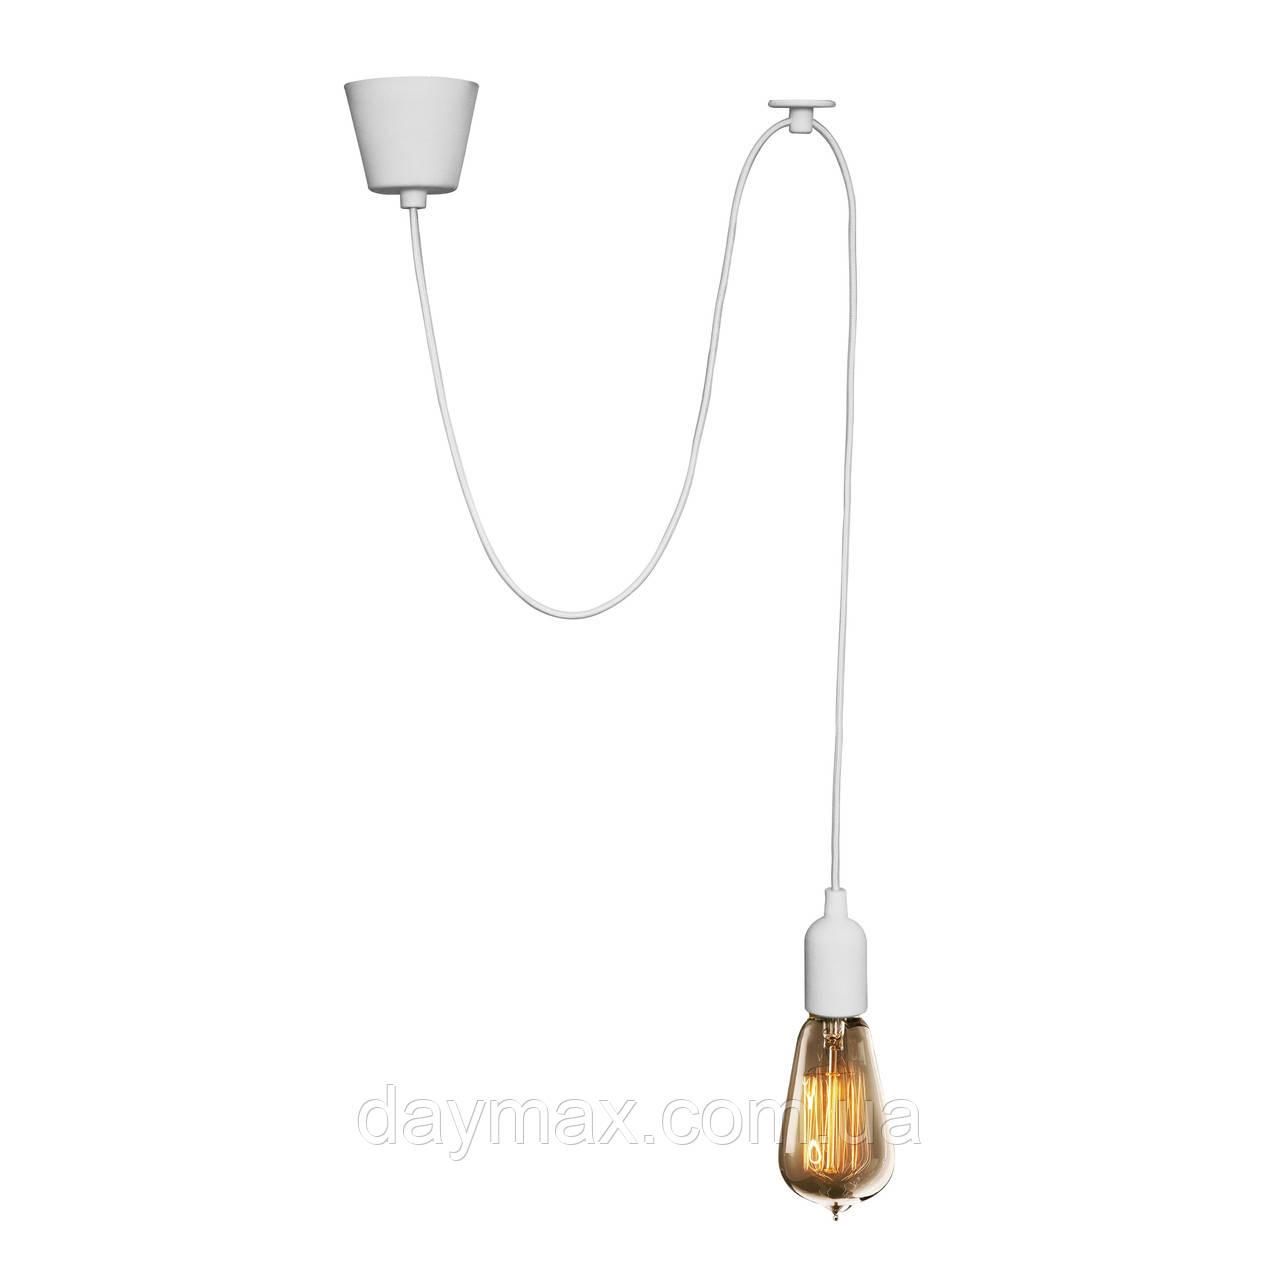 Люстра паук на одну лампу NL 149-1W MSK Electric